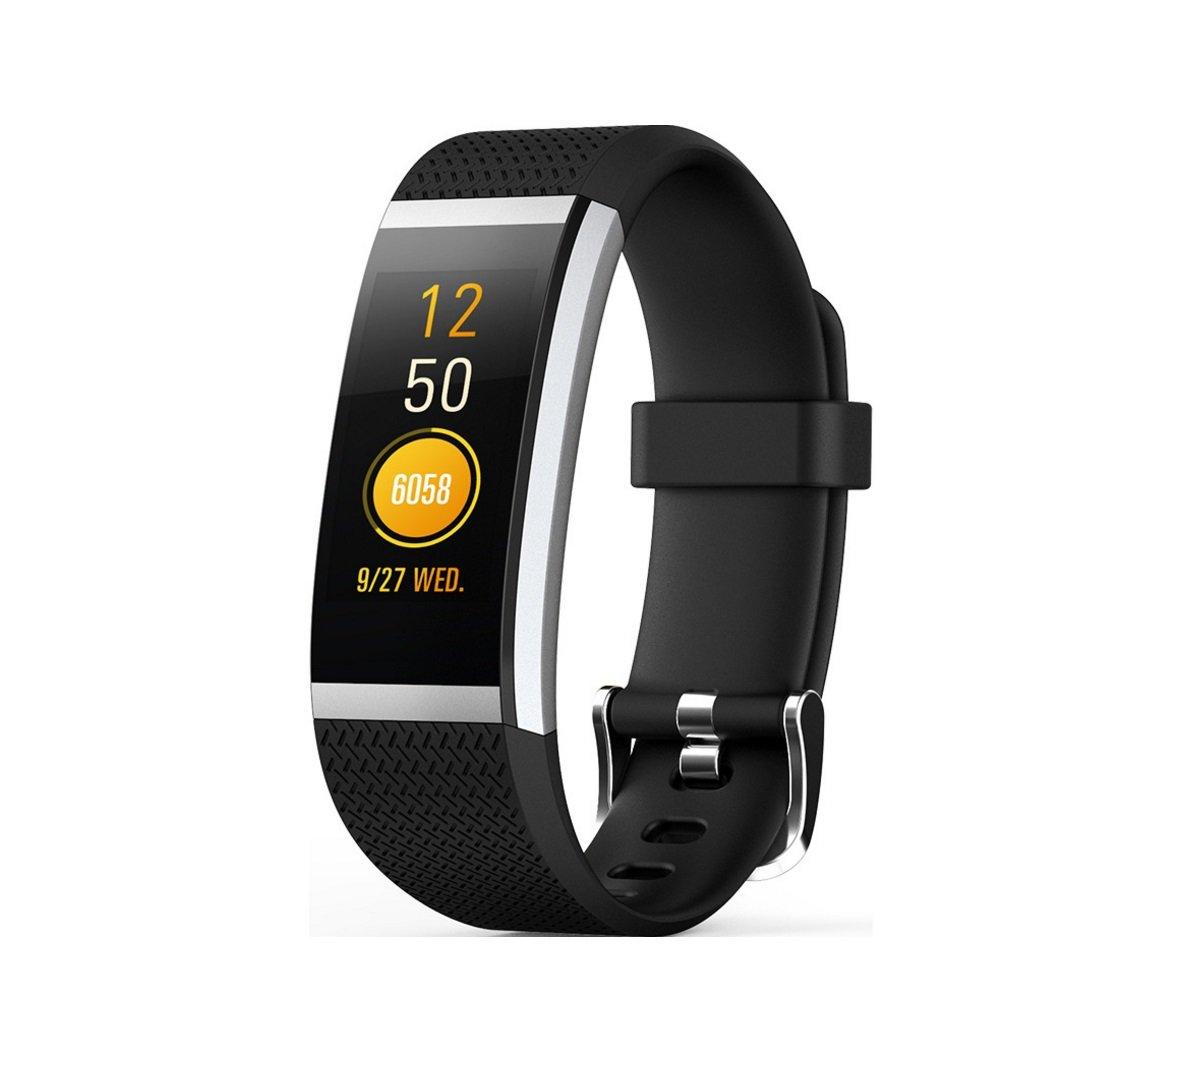 Neue Farbe Smart Watch Armband Dynamische Sport Herzfrequenz Kompatible Plattform Android, IOS Armband Schlaf Überwachung Wasserdicht PedometerHDWY (Farbe : Schwarz)